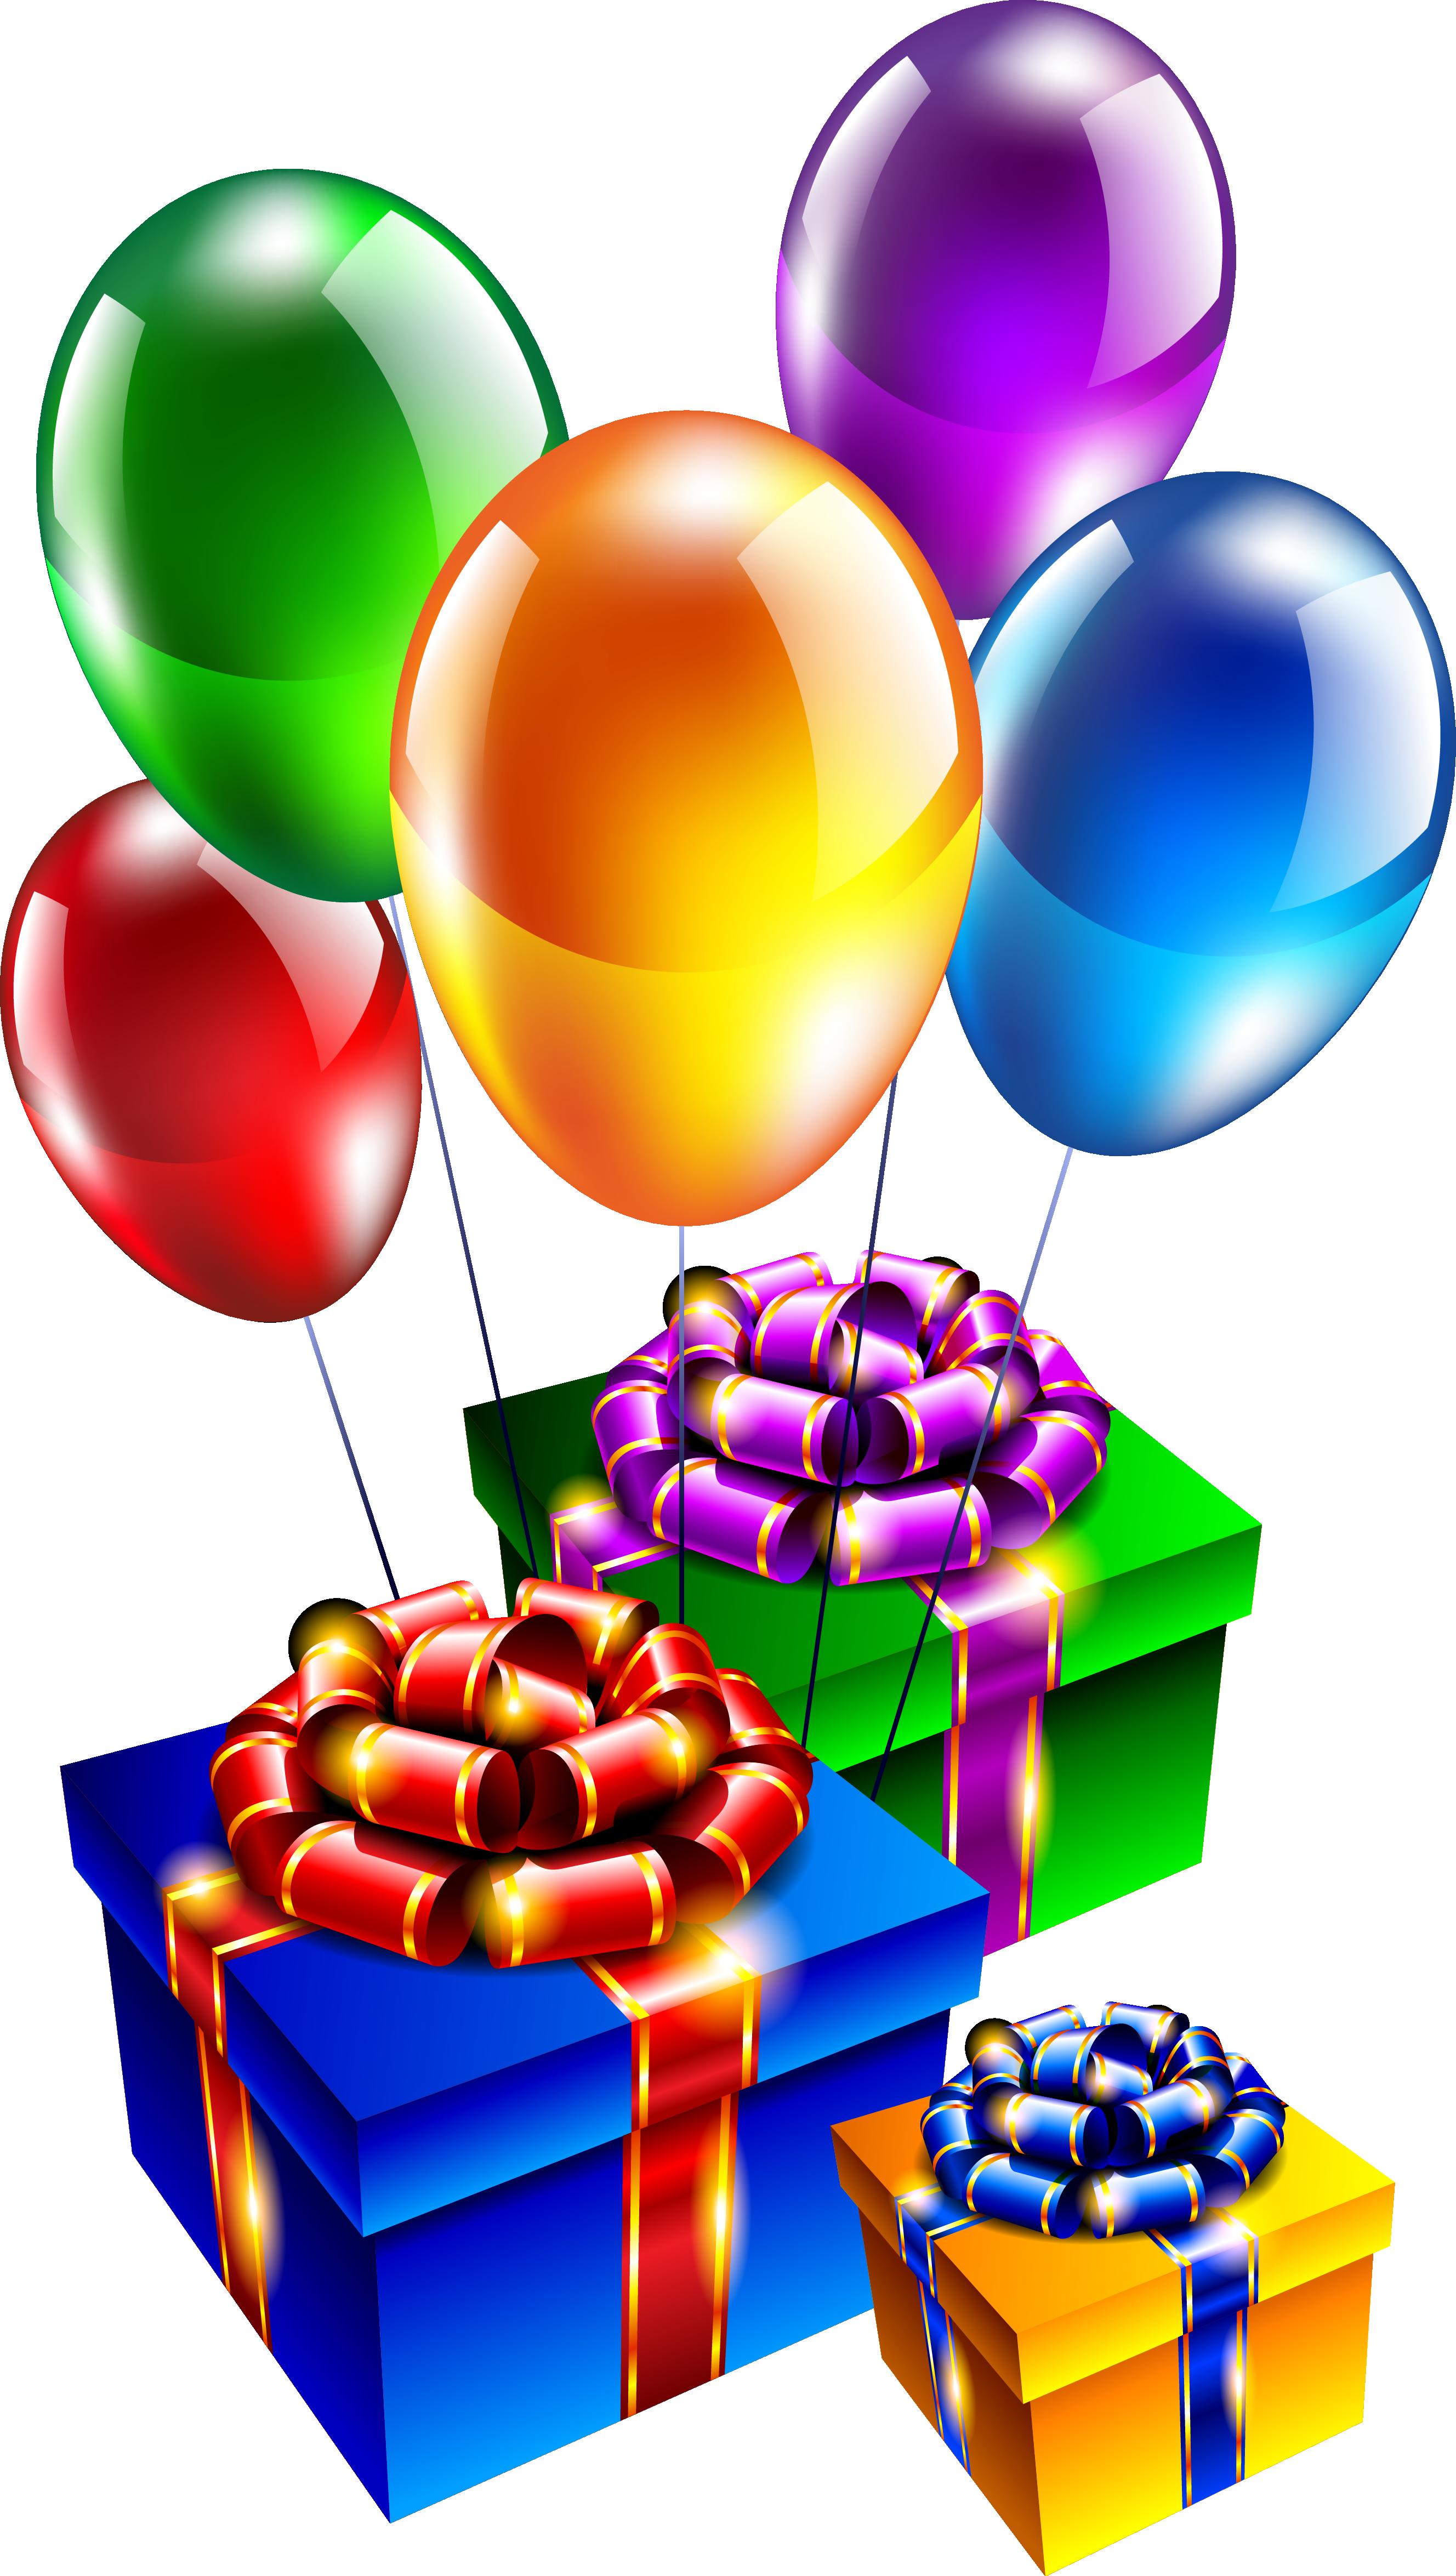 Приколы коровы, картинки с днем рождения с шариками и подарками